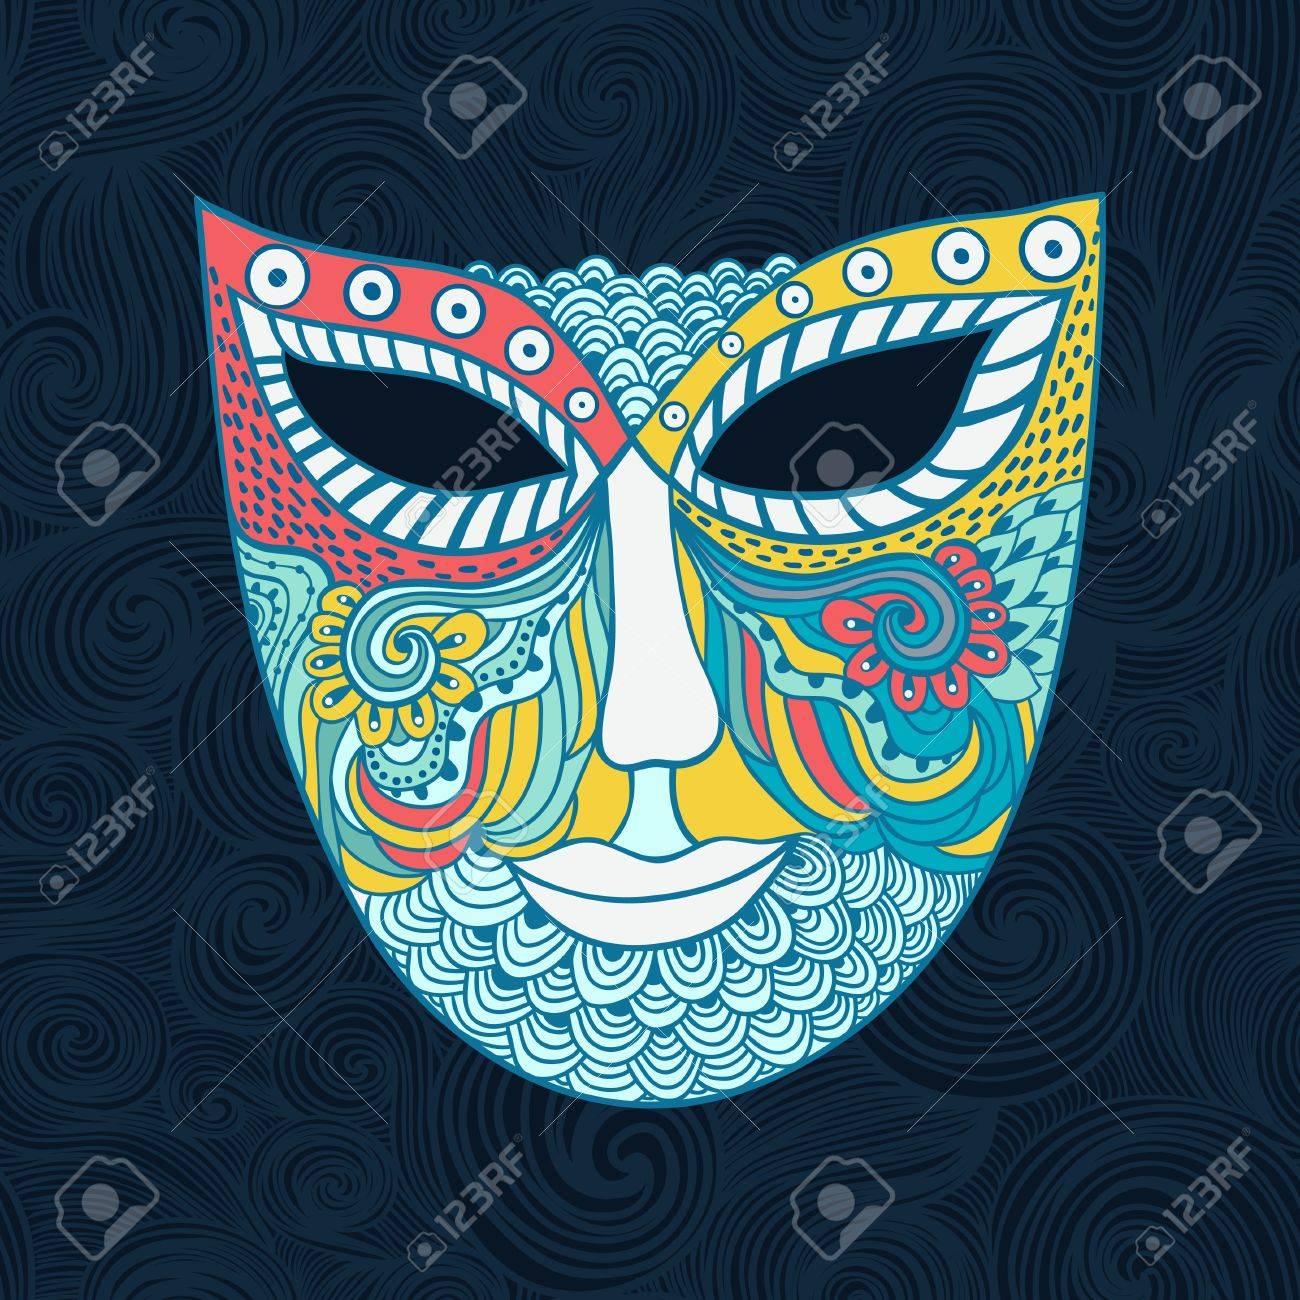 carnival mask, mask stylization Stock Vector - 21404114